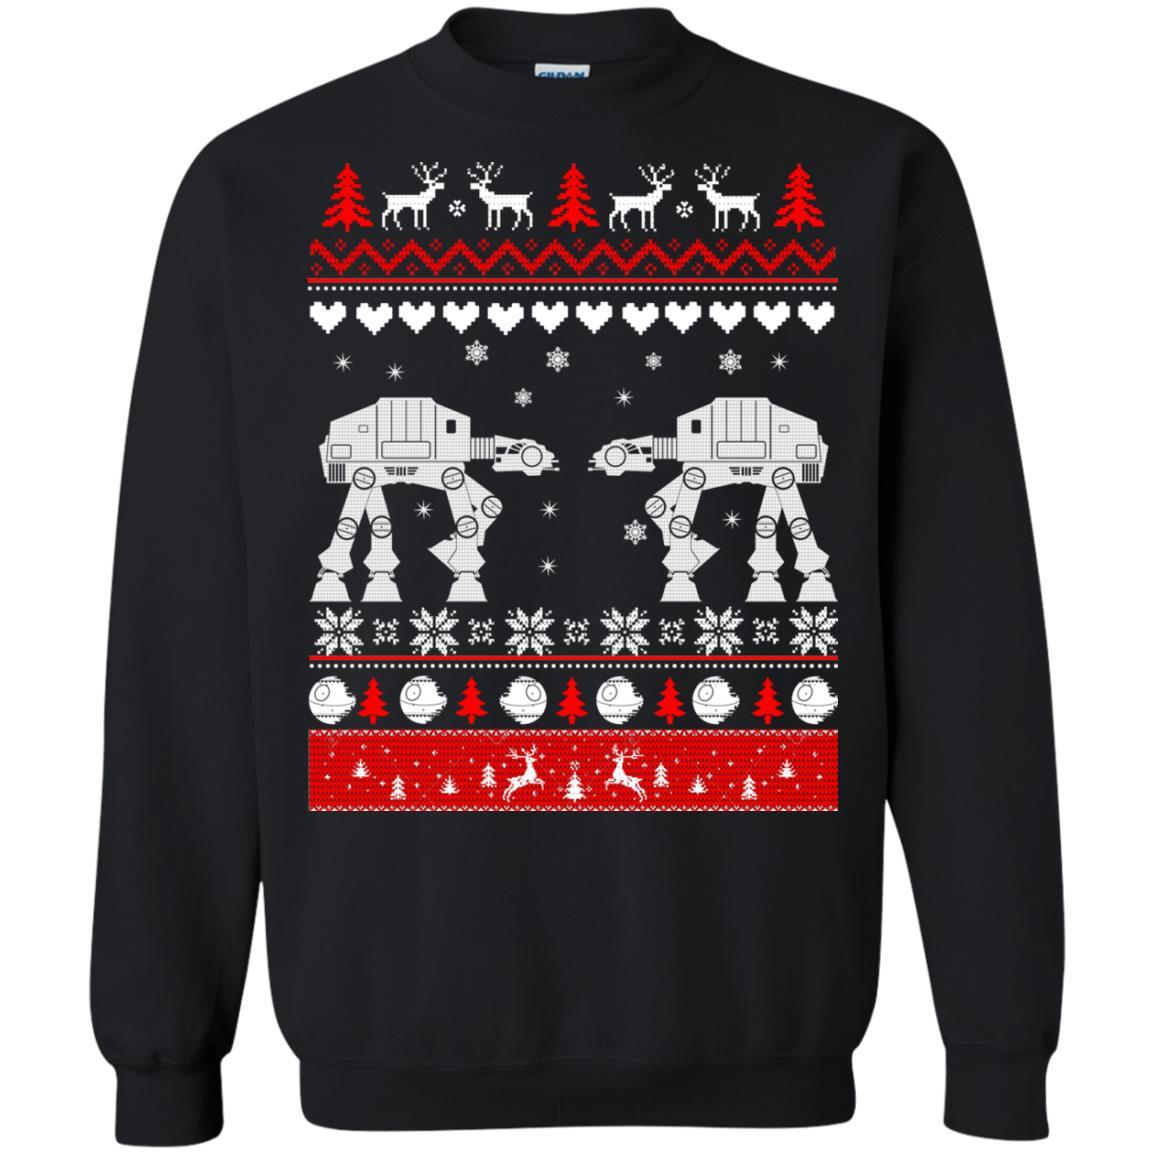 image 1740 - Star Wars AT AT Walker Christmas Sweatshirt, Hoodie